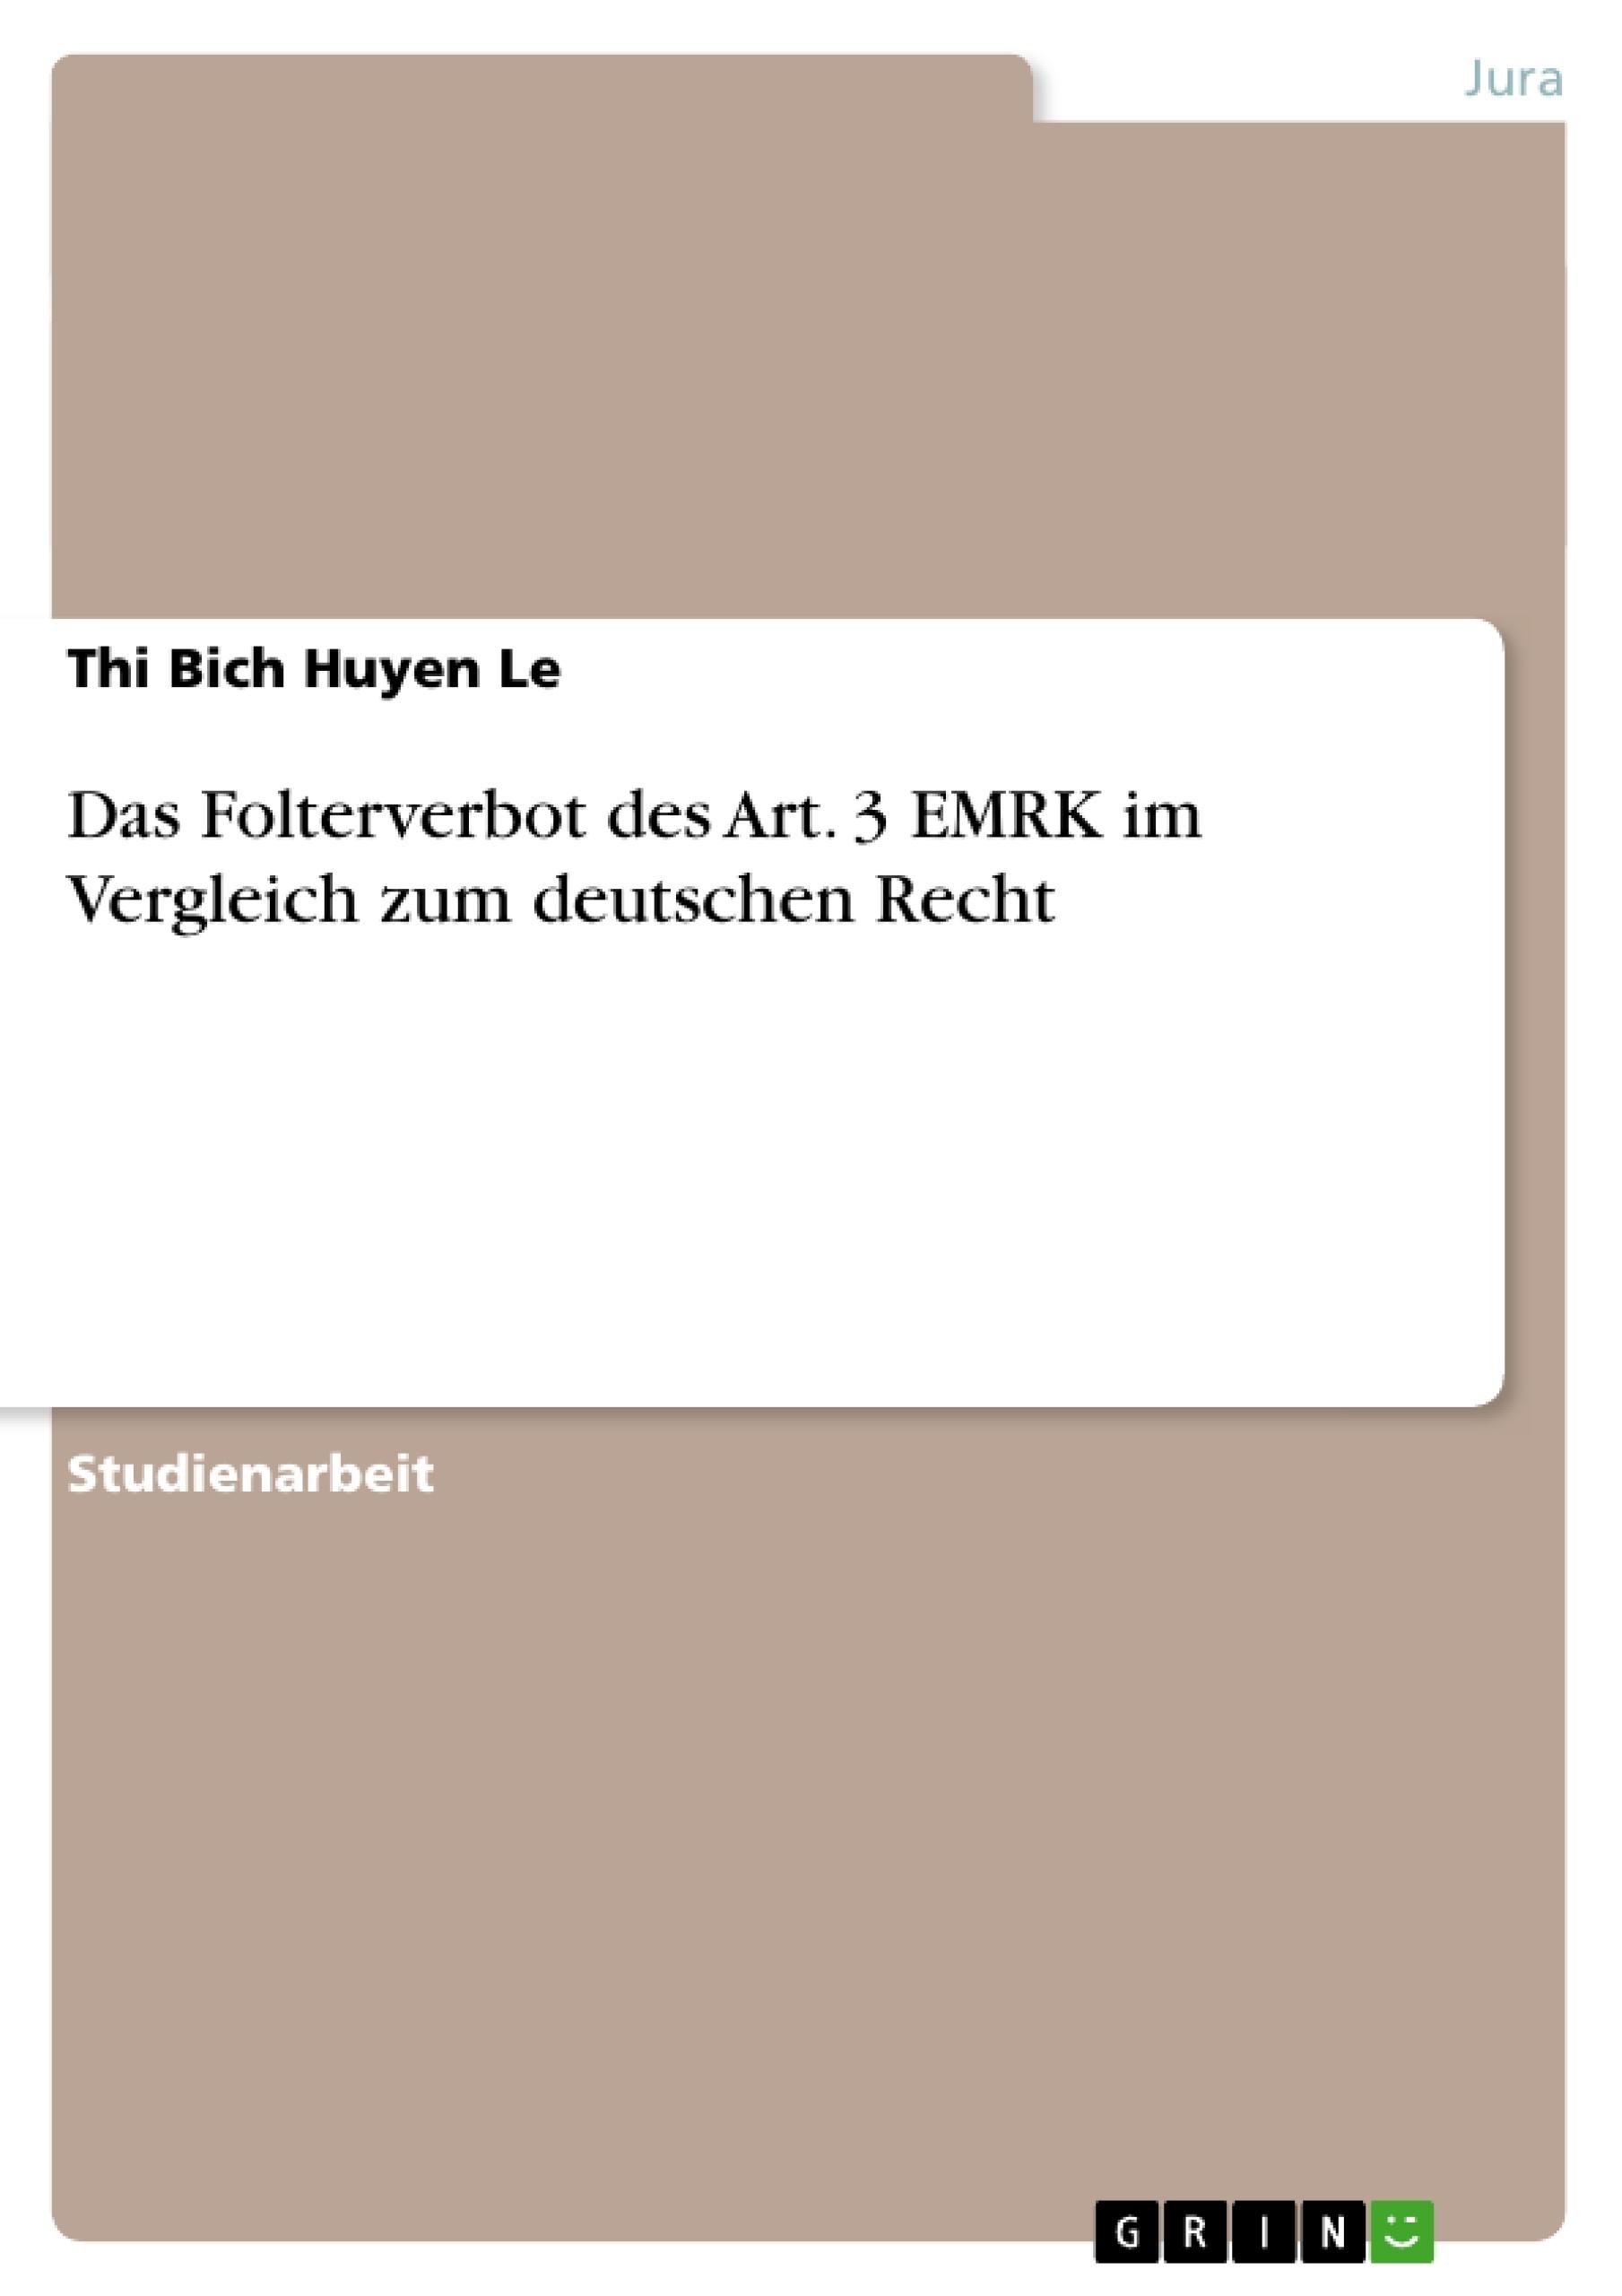 Titel: Das Folterverbot des Art. 3 EMRK im Vergleich zum deutschen Recht